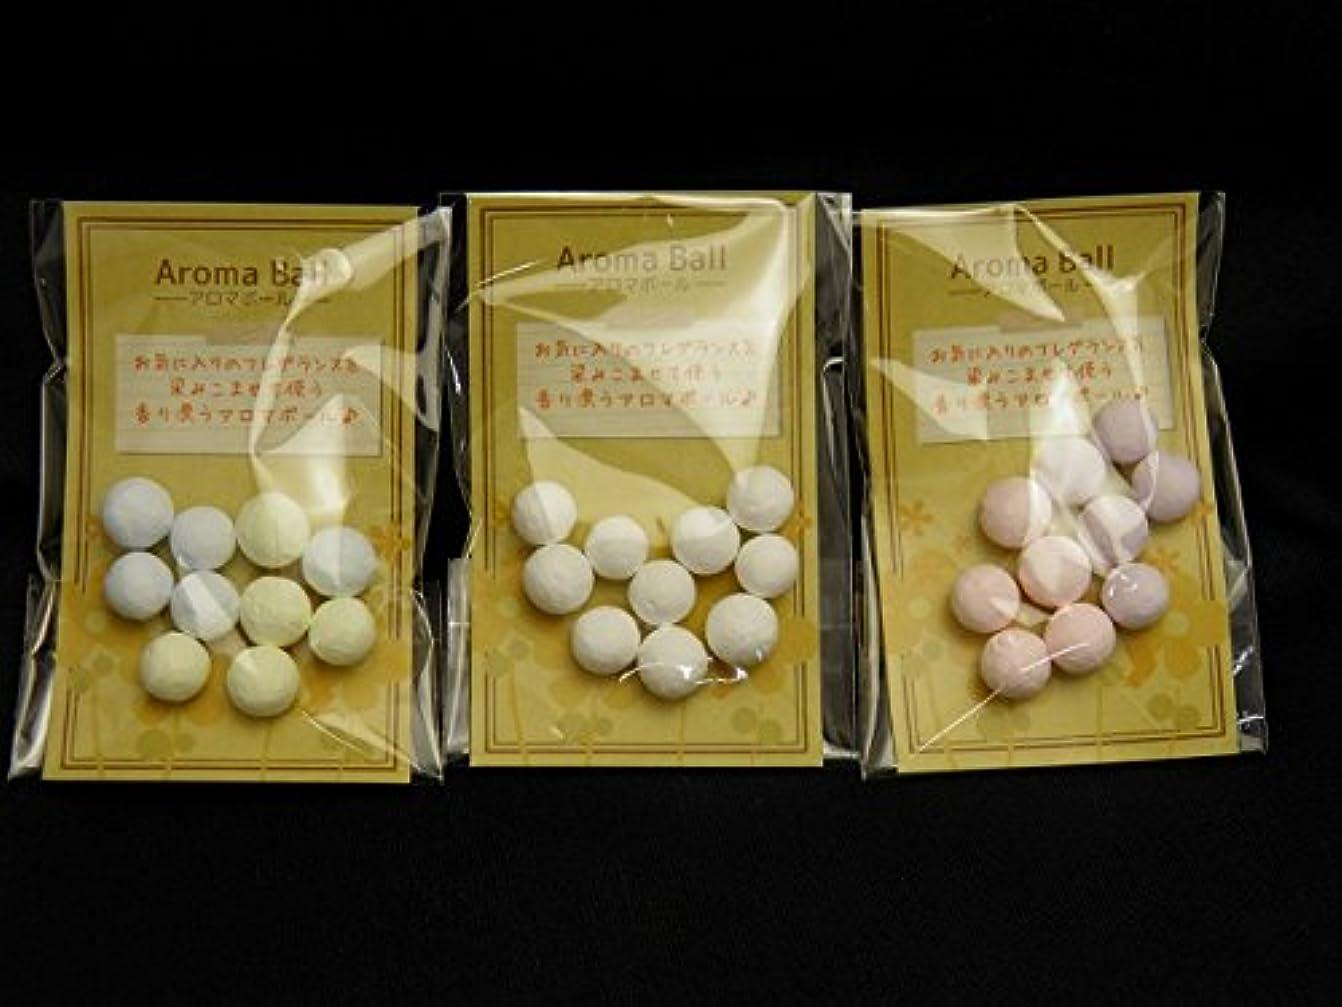 まっすぐ知的有効なインペリアルオーラ 3種類 アロマボールレフィル 10粒入り(2色各5粒) ブルー/イエロー